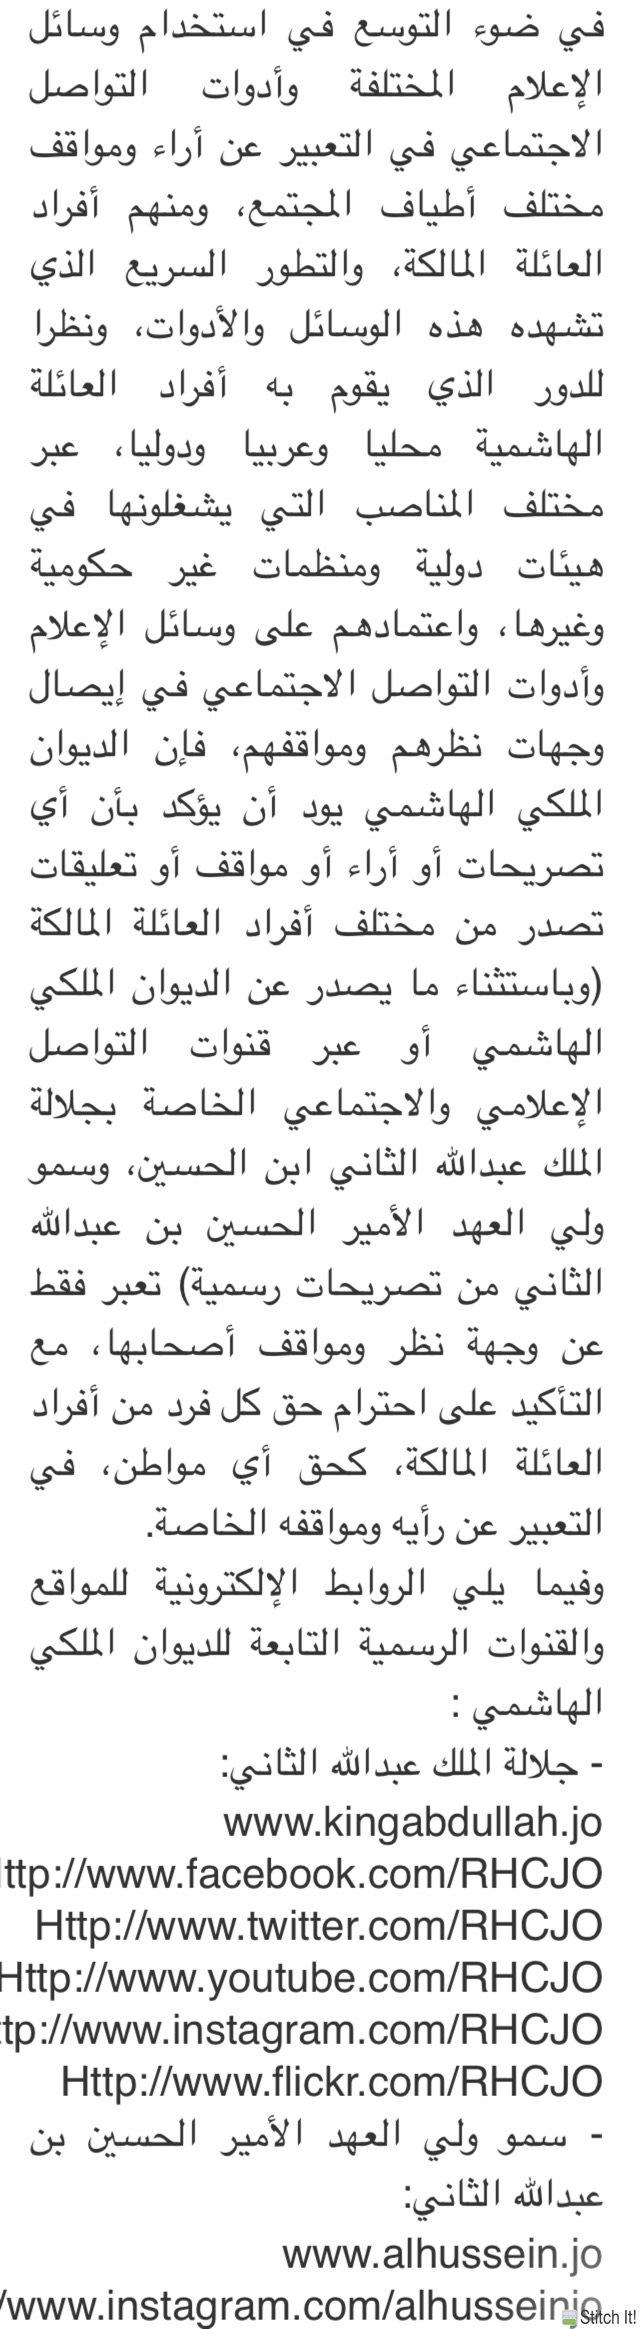 نص بيان الديوان الملكي الهاشمي حول استخدام العائلة المالكة لقنوات التواصل الاجتماعي #الأردن